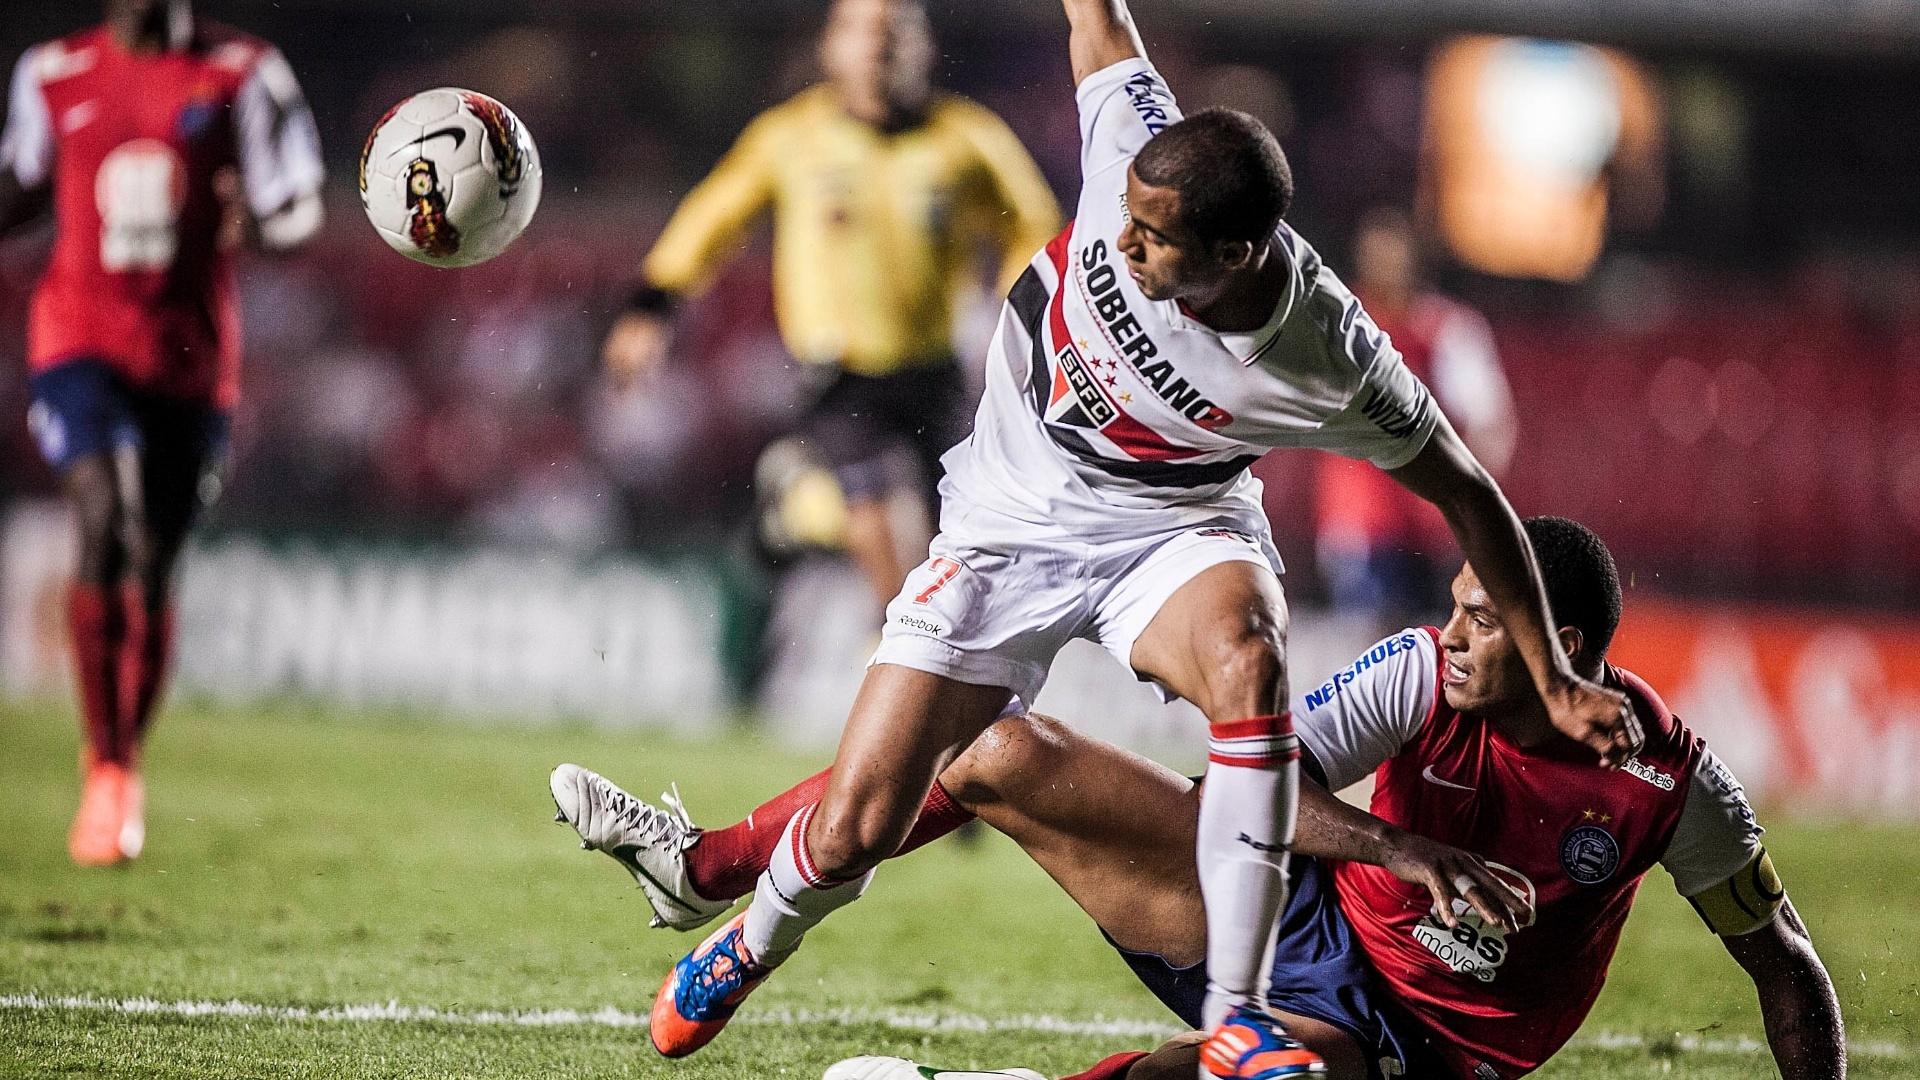 Lucas tenta manter o equilíbrio e concluir jogada ofensiva do São Paulo contra o Bahia